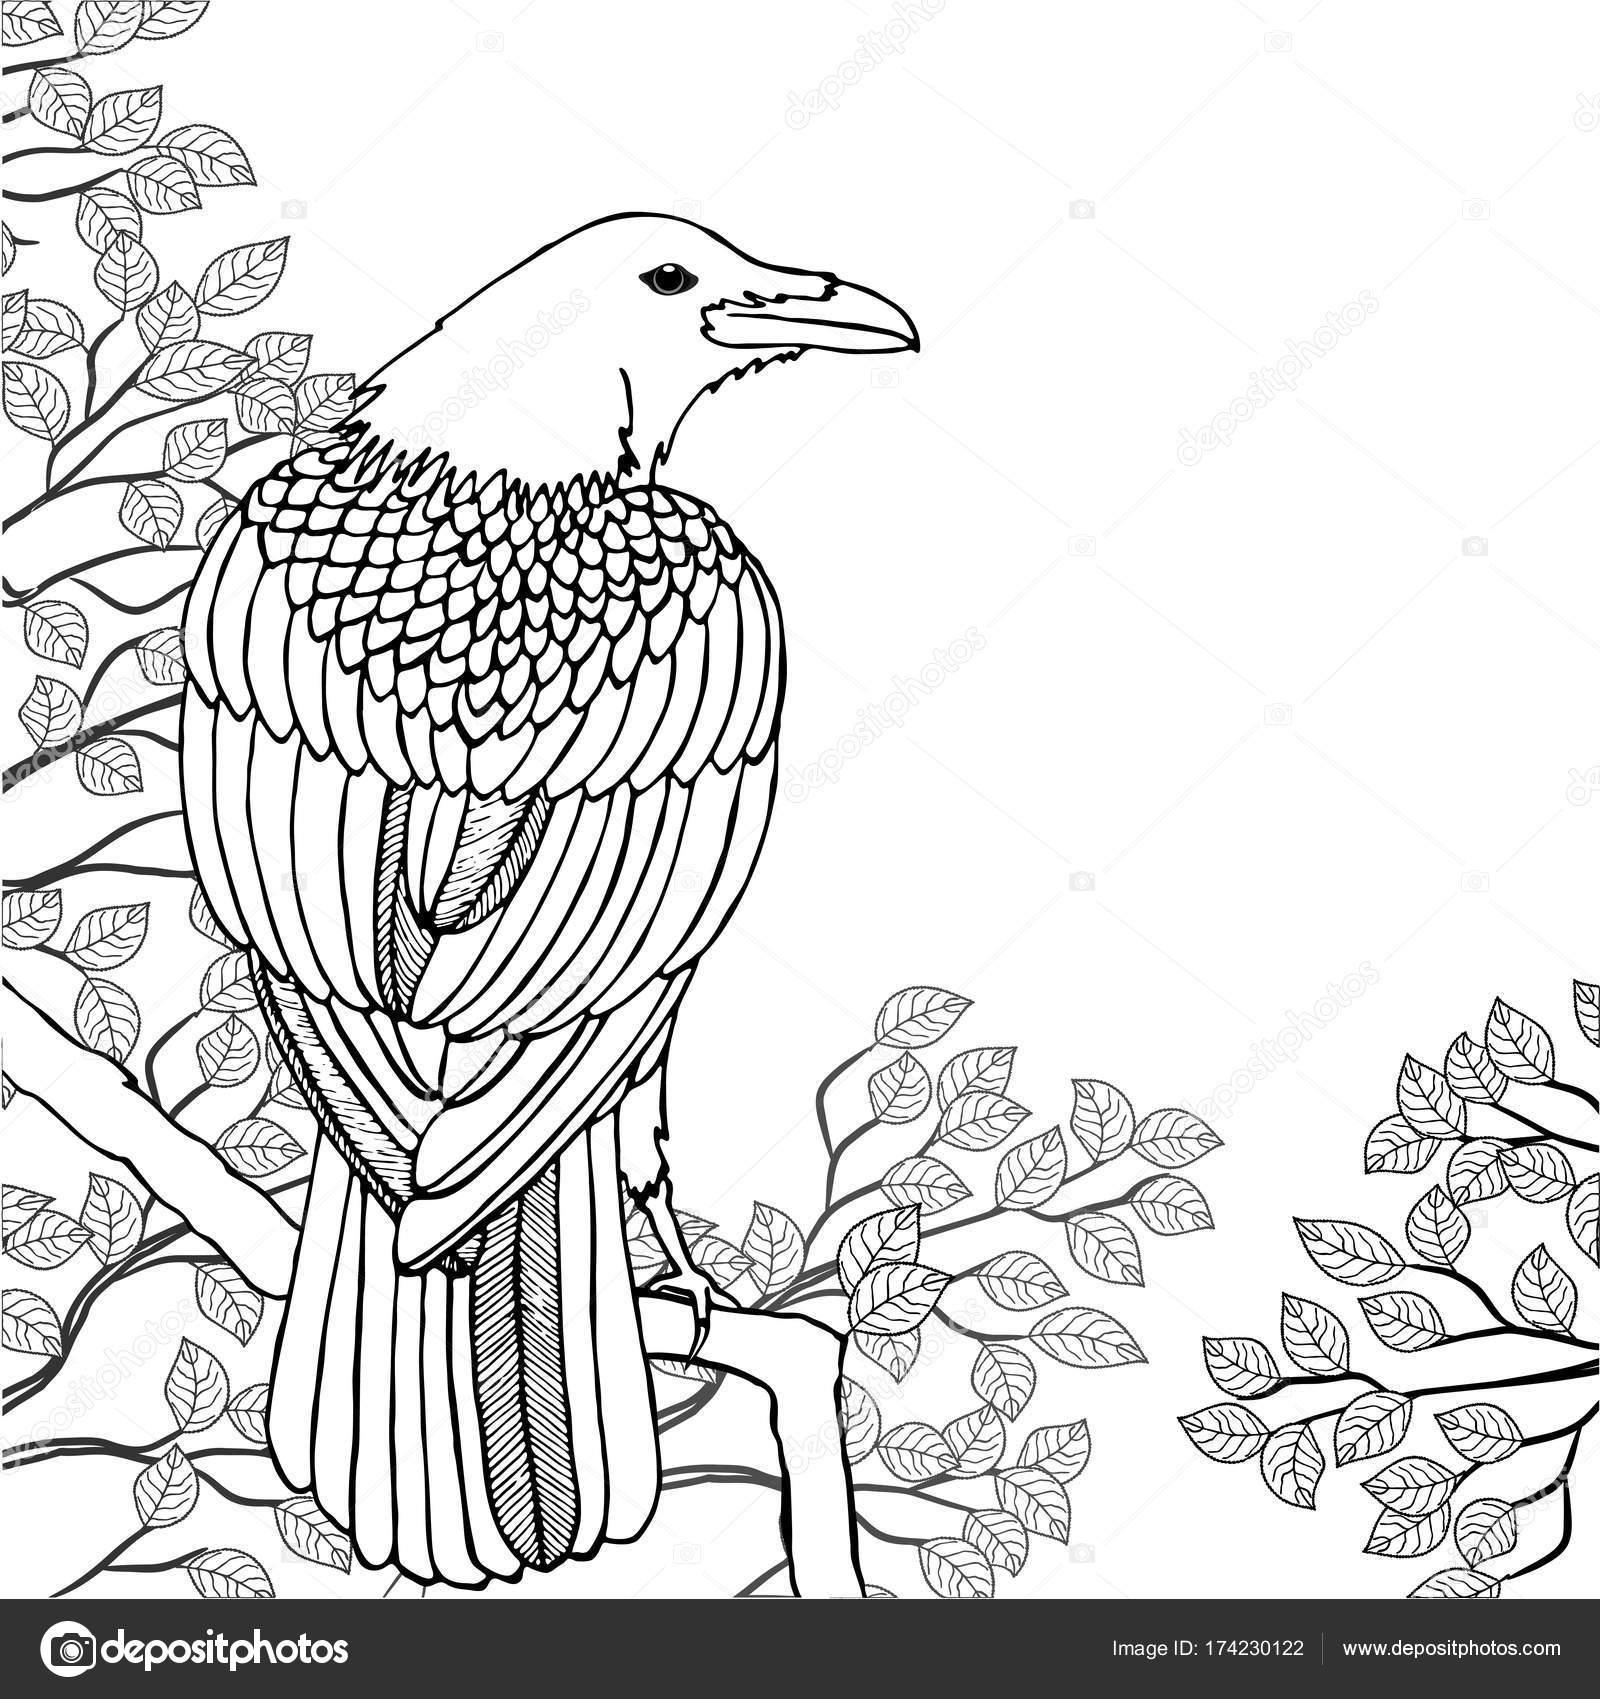 Arbol Con Ramas Y Hojas Para Colorear Ilustración De Vector